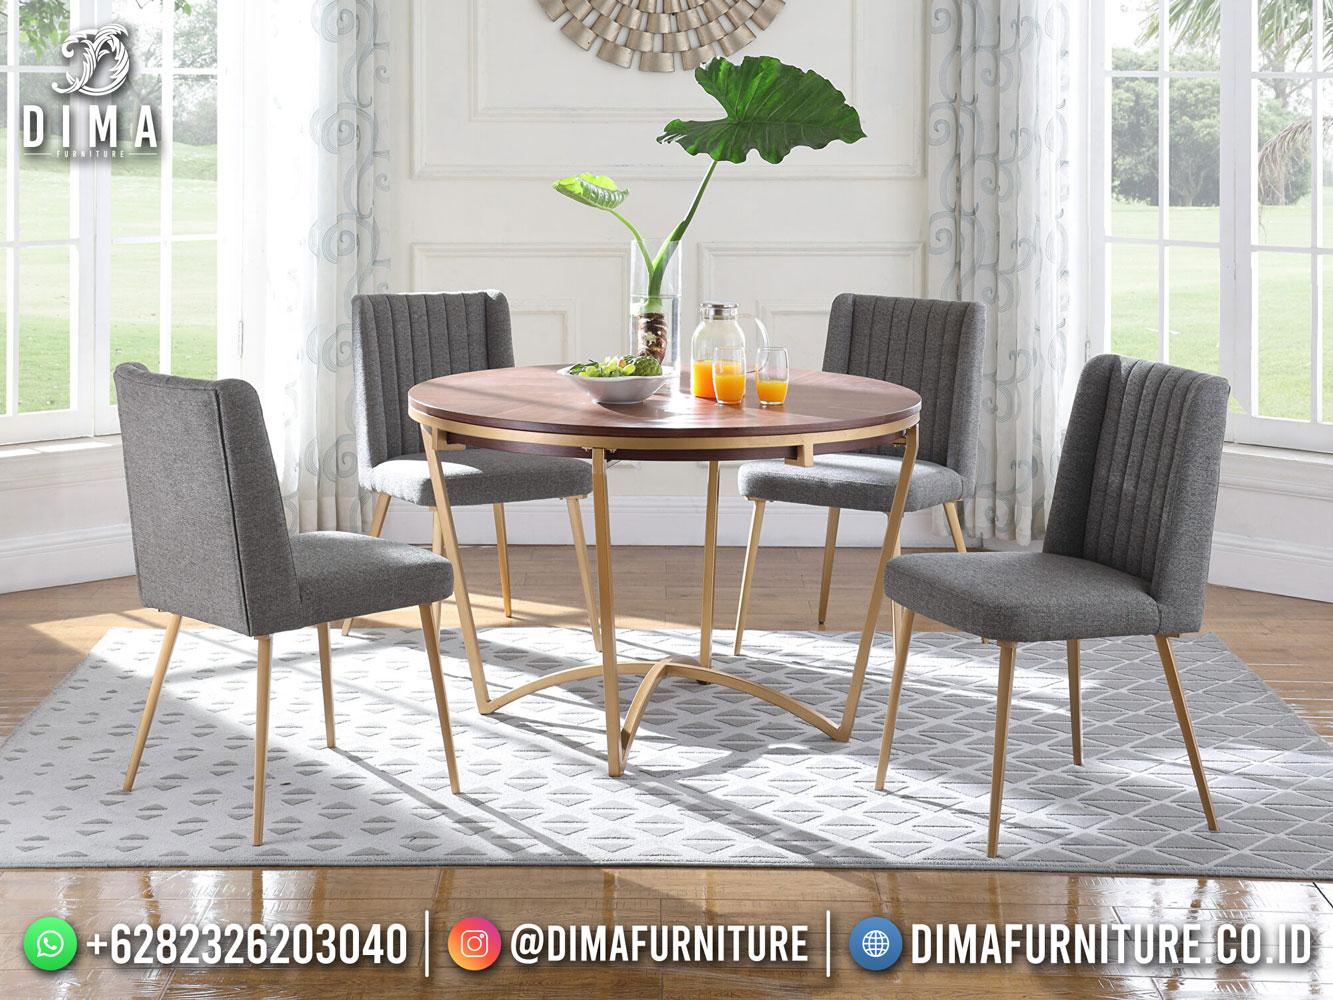 Inspirasi Meja Makan Minimalis Jepara Industrial Furniture DF-1691